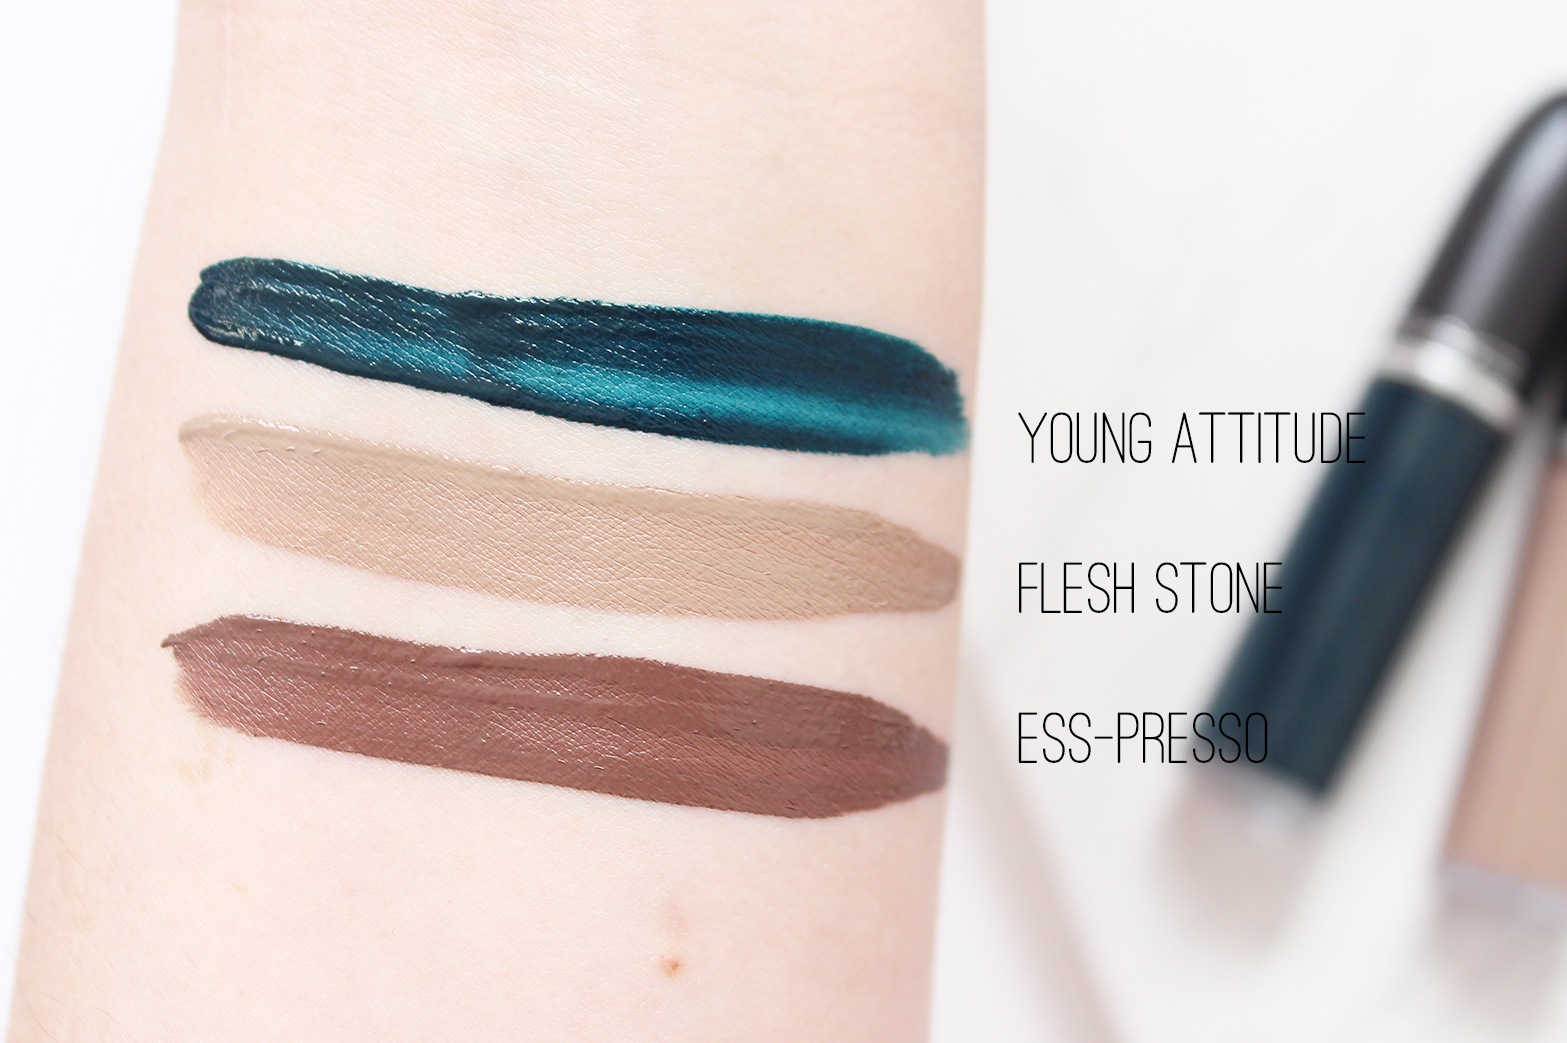 M.A.C COSMETICS | Retro Matte Liquid Lipcolour - Young Attitude, Flesh Stone + Ess-presso - CassandraMyee